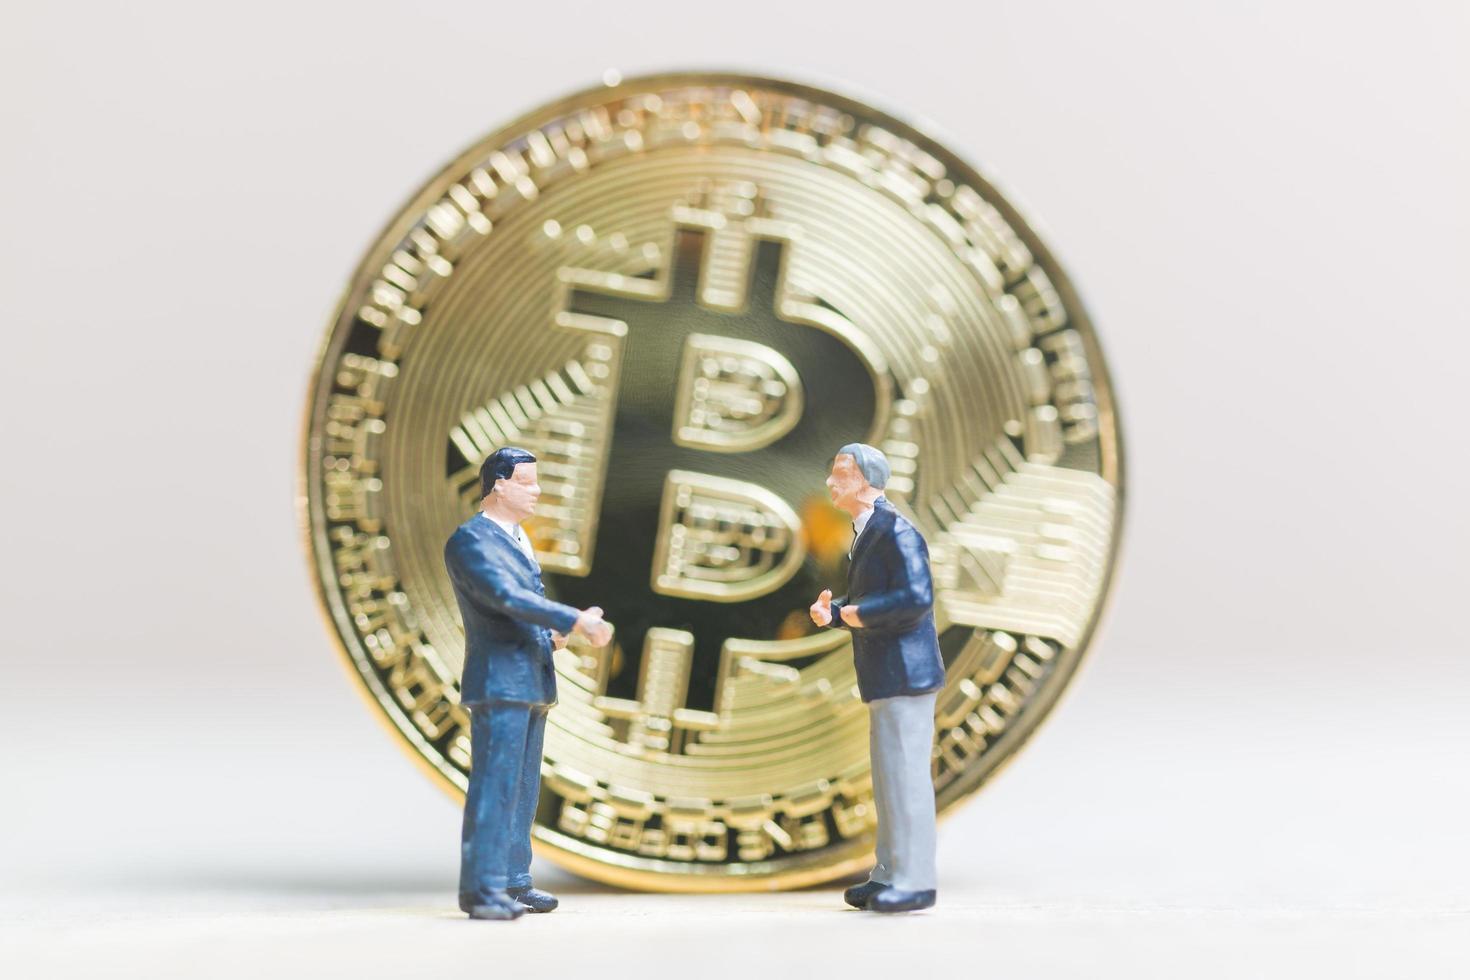 Hommes d'affaires miniatures debout devant une pièce de monnaie crypto-monnaie bitcoin, concept d'entreprise photo